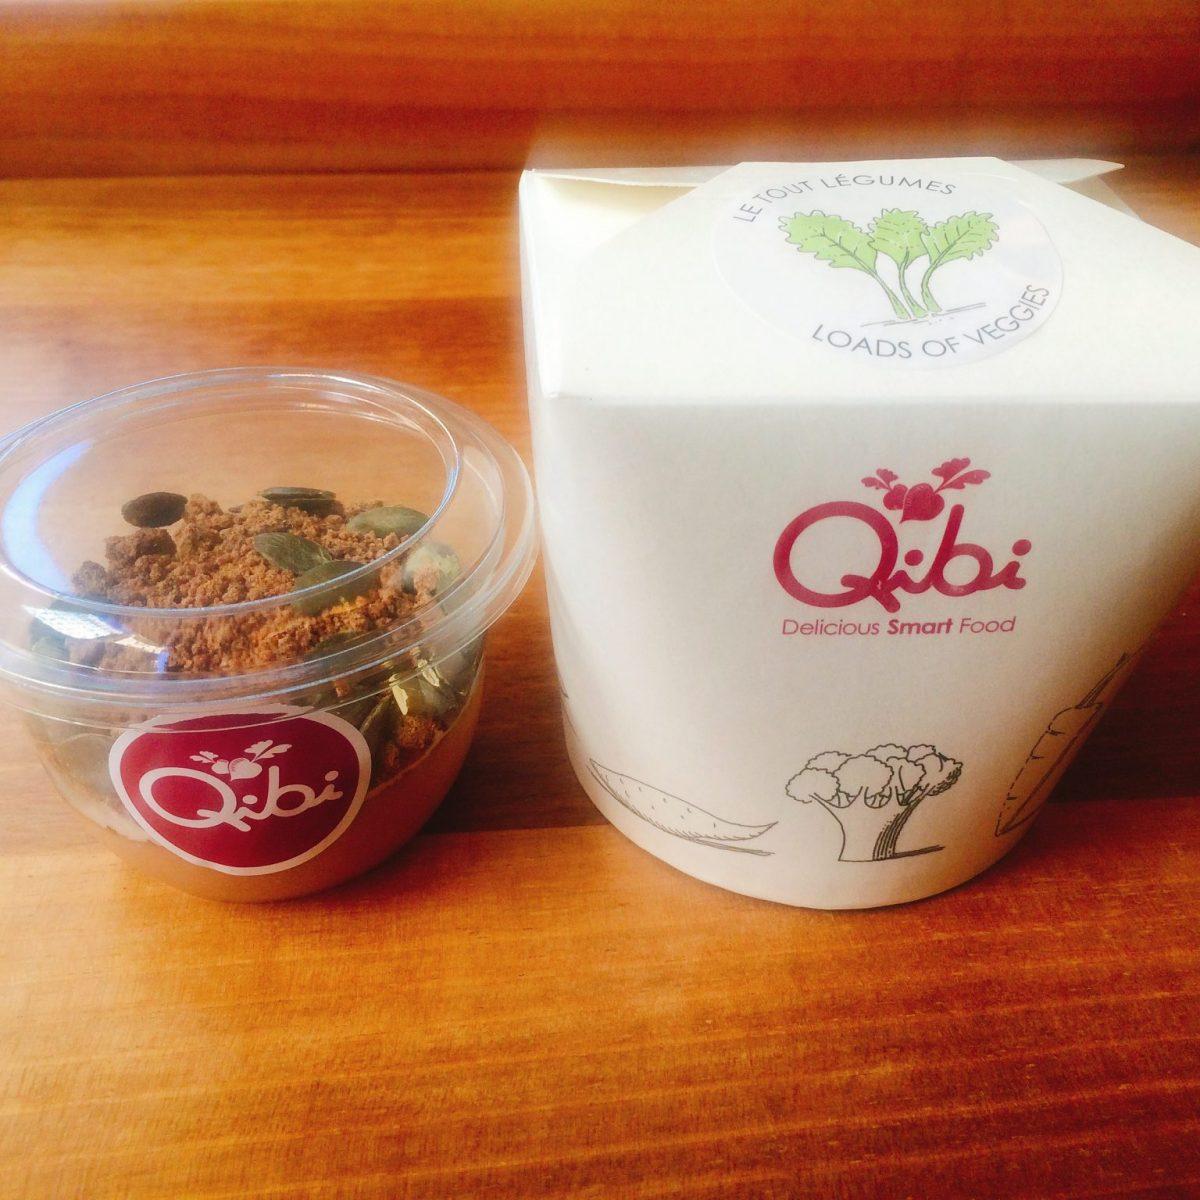 Qibi - Vegan Food in Geneva